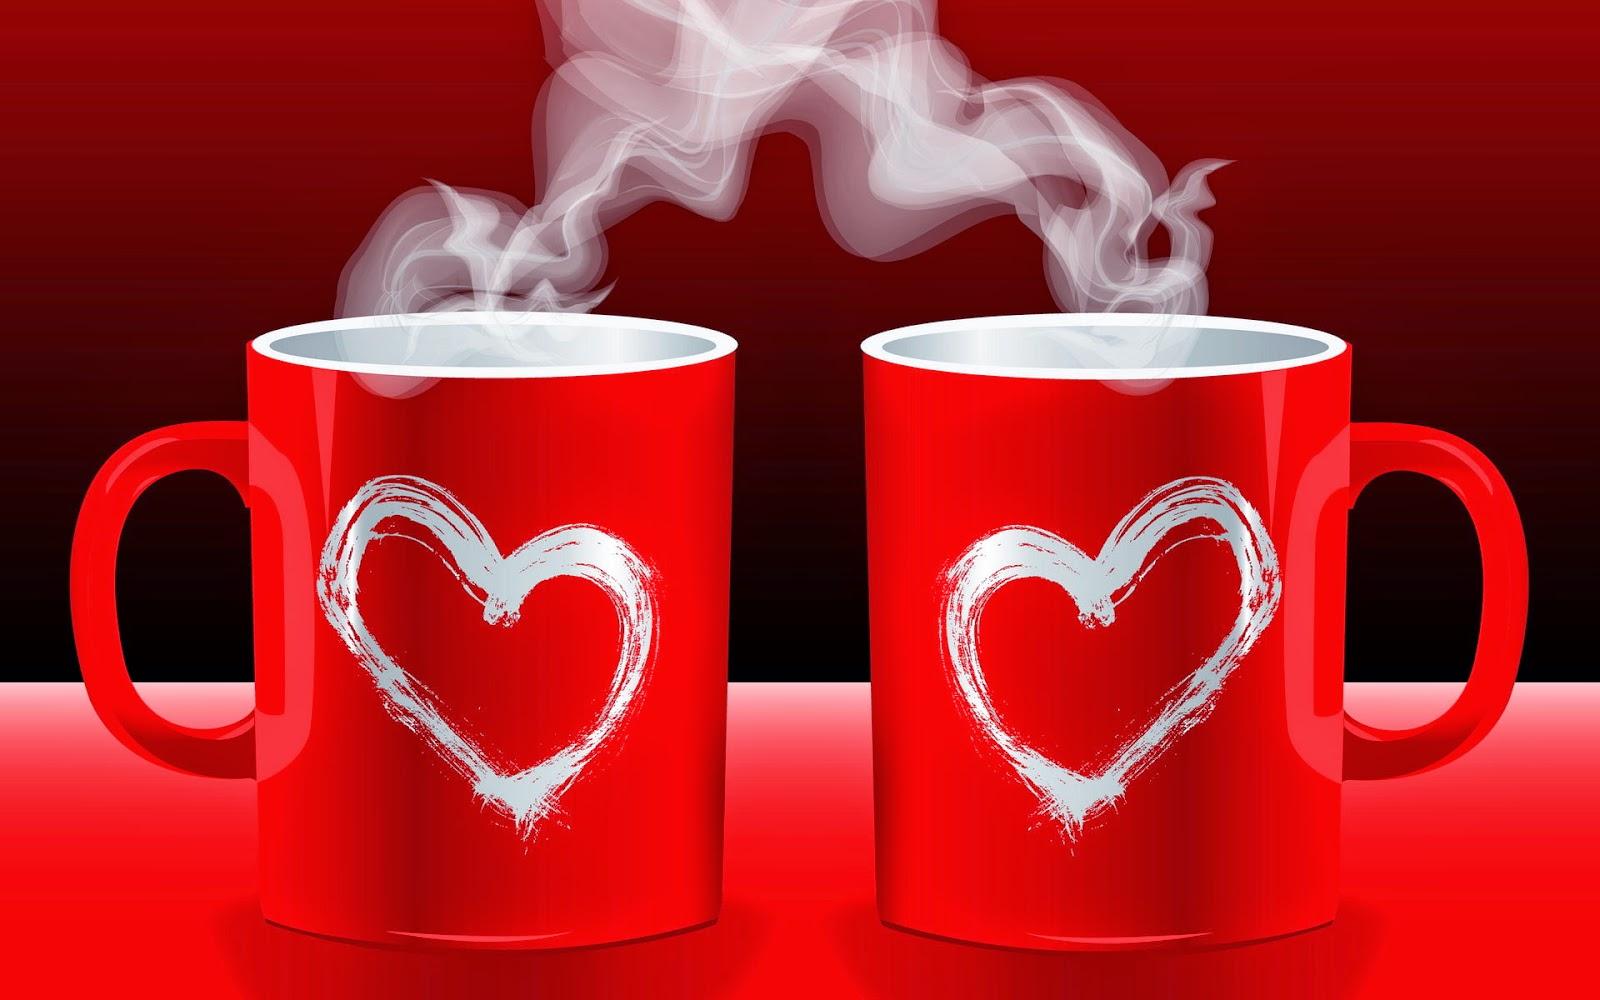 tải hình nền valentine day